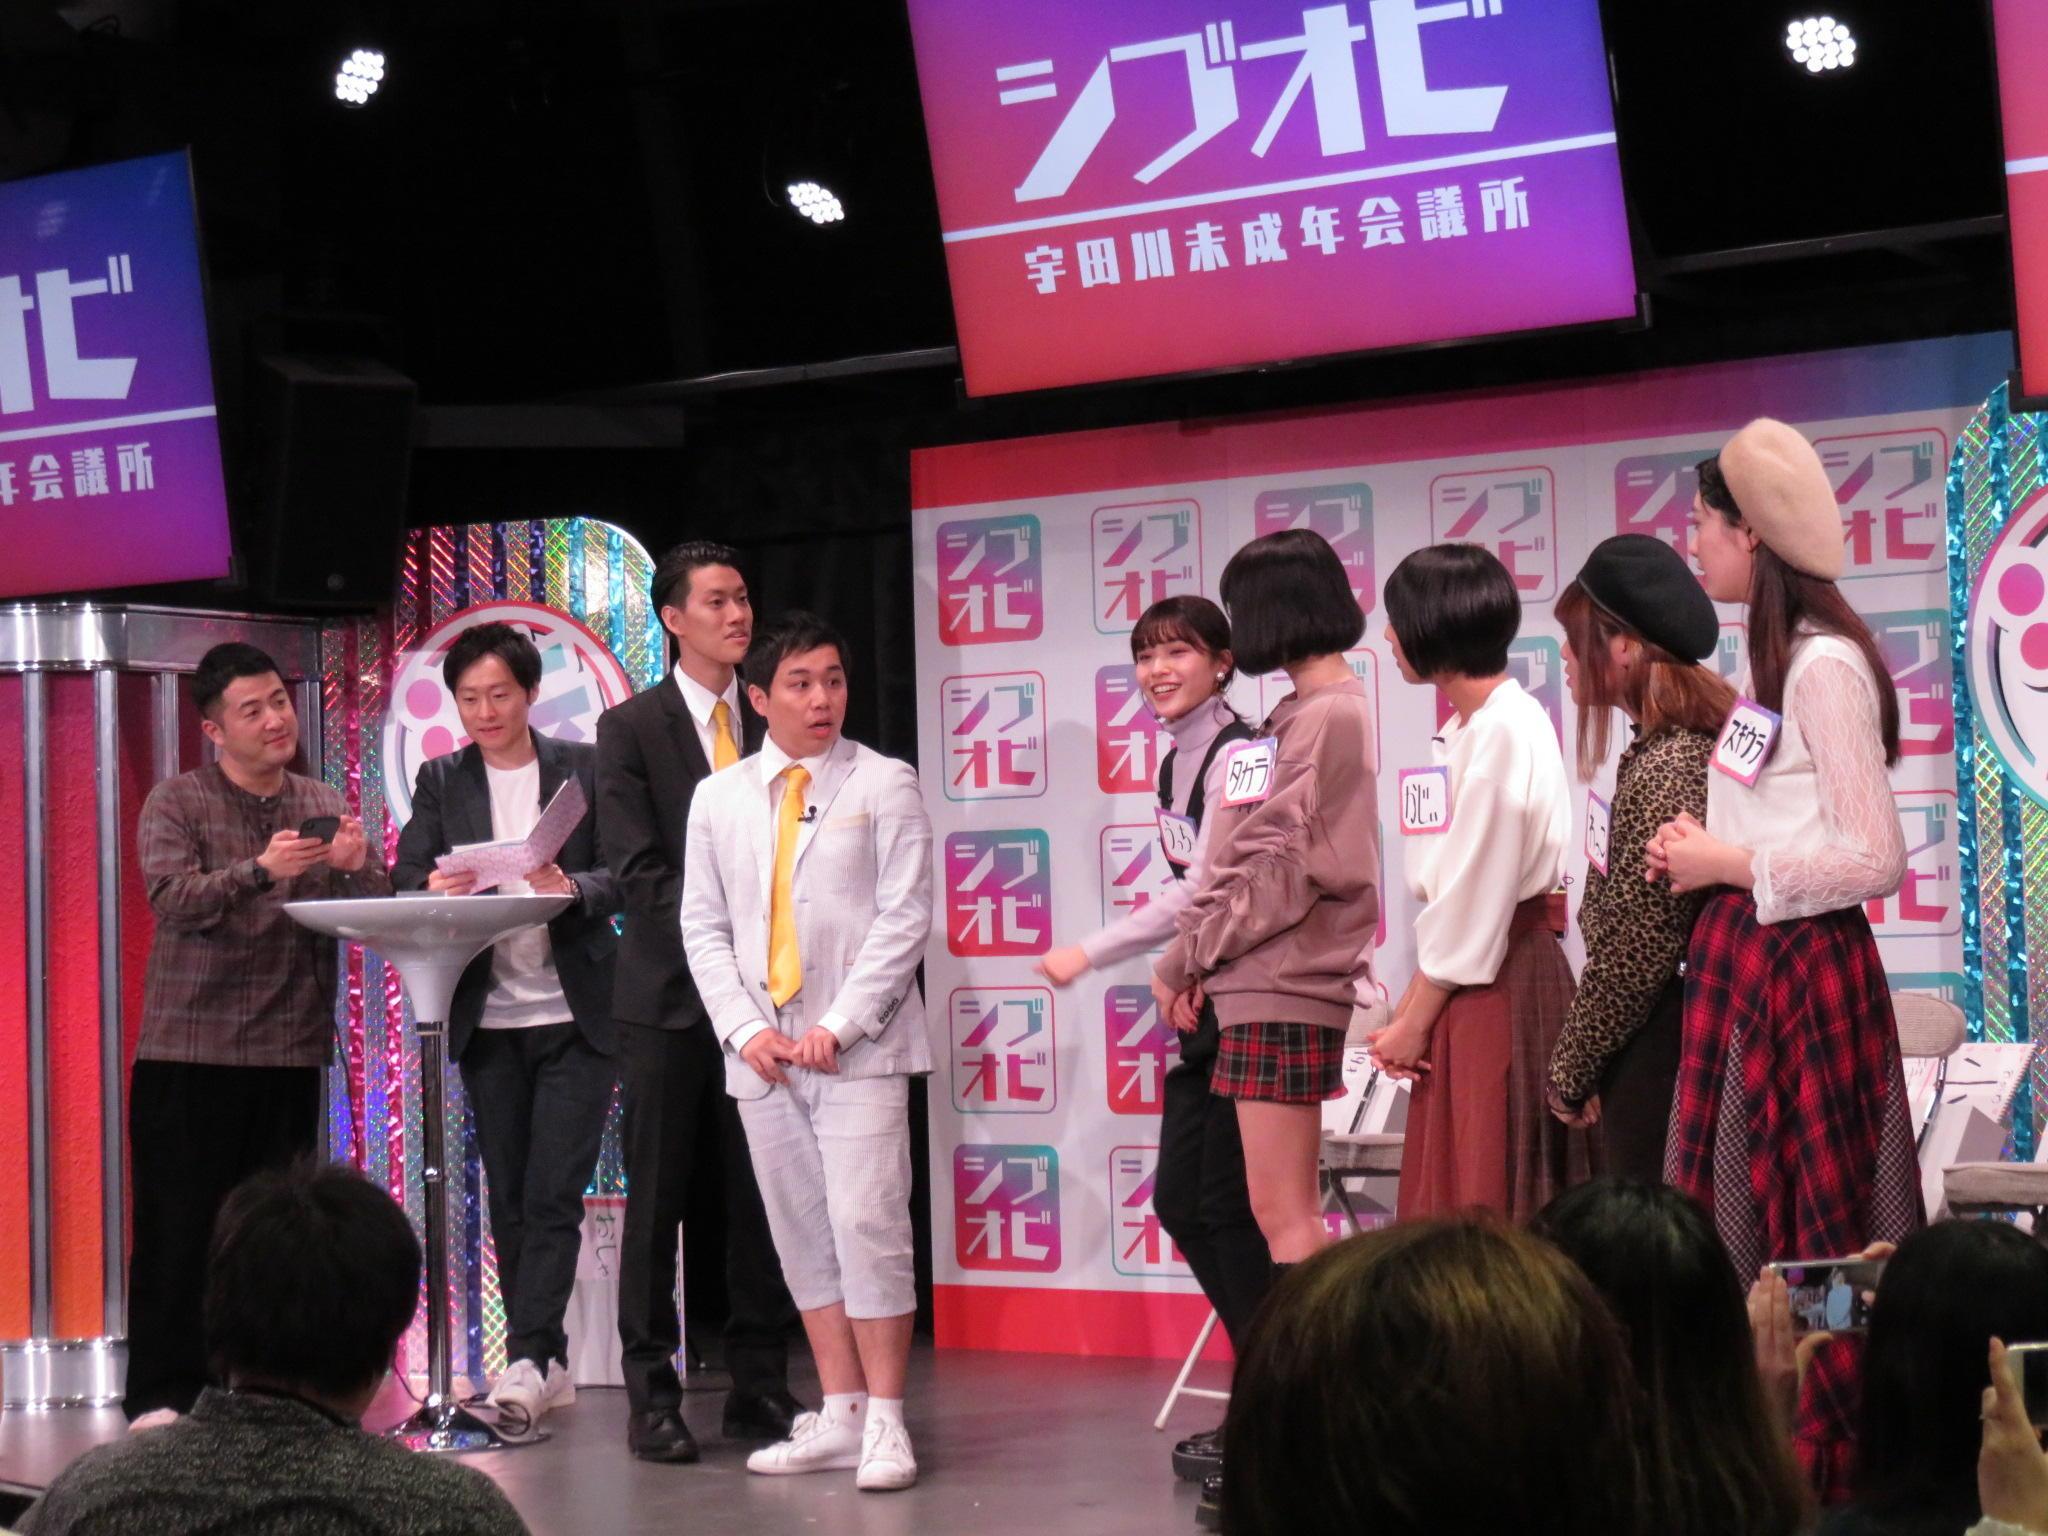 http://news.yoshimoto.co.jp/20181203202614-e06e6cdc52aa03703748df47b3000b3b05af2db1.jpg